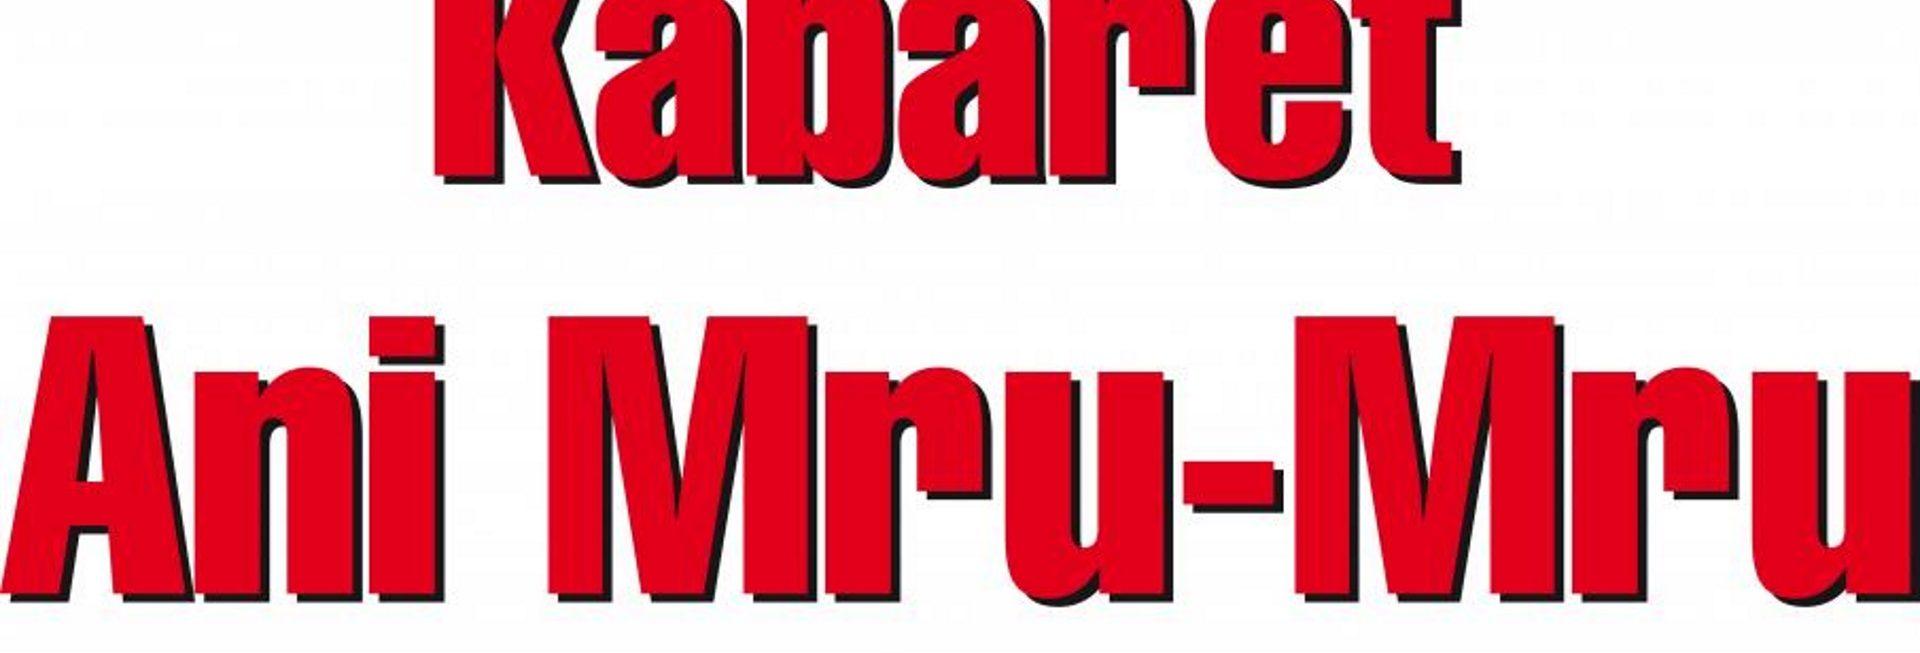 Zdjęcie - plakat graficzny zapraszający na występ Kabaretu Ani Mru Mru. Tło plakatu białe, napisy czerwone.